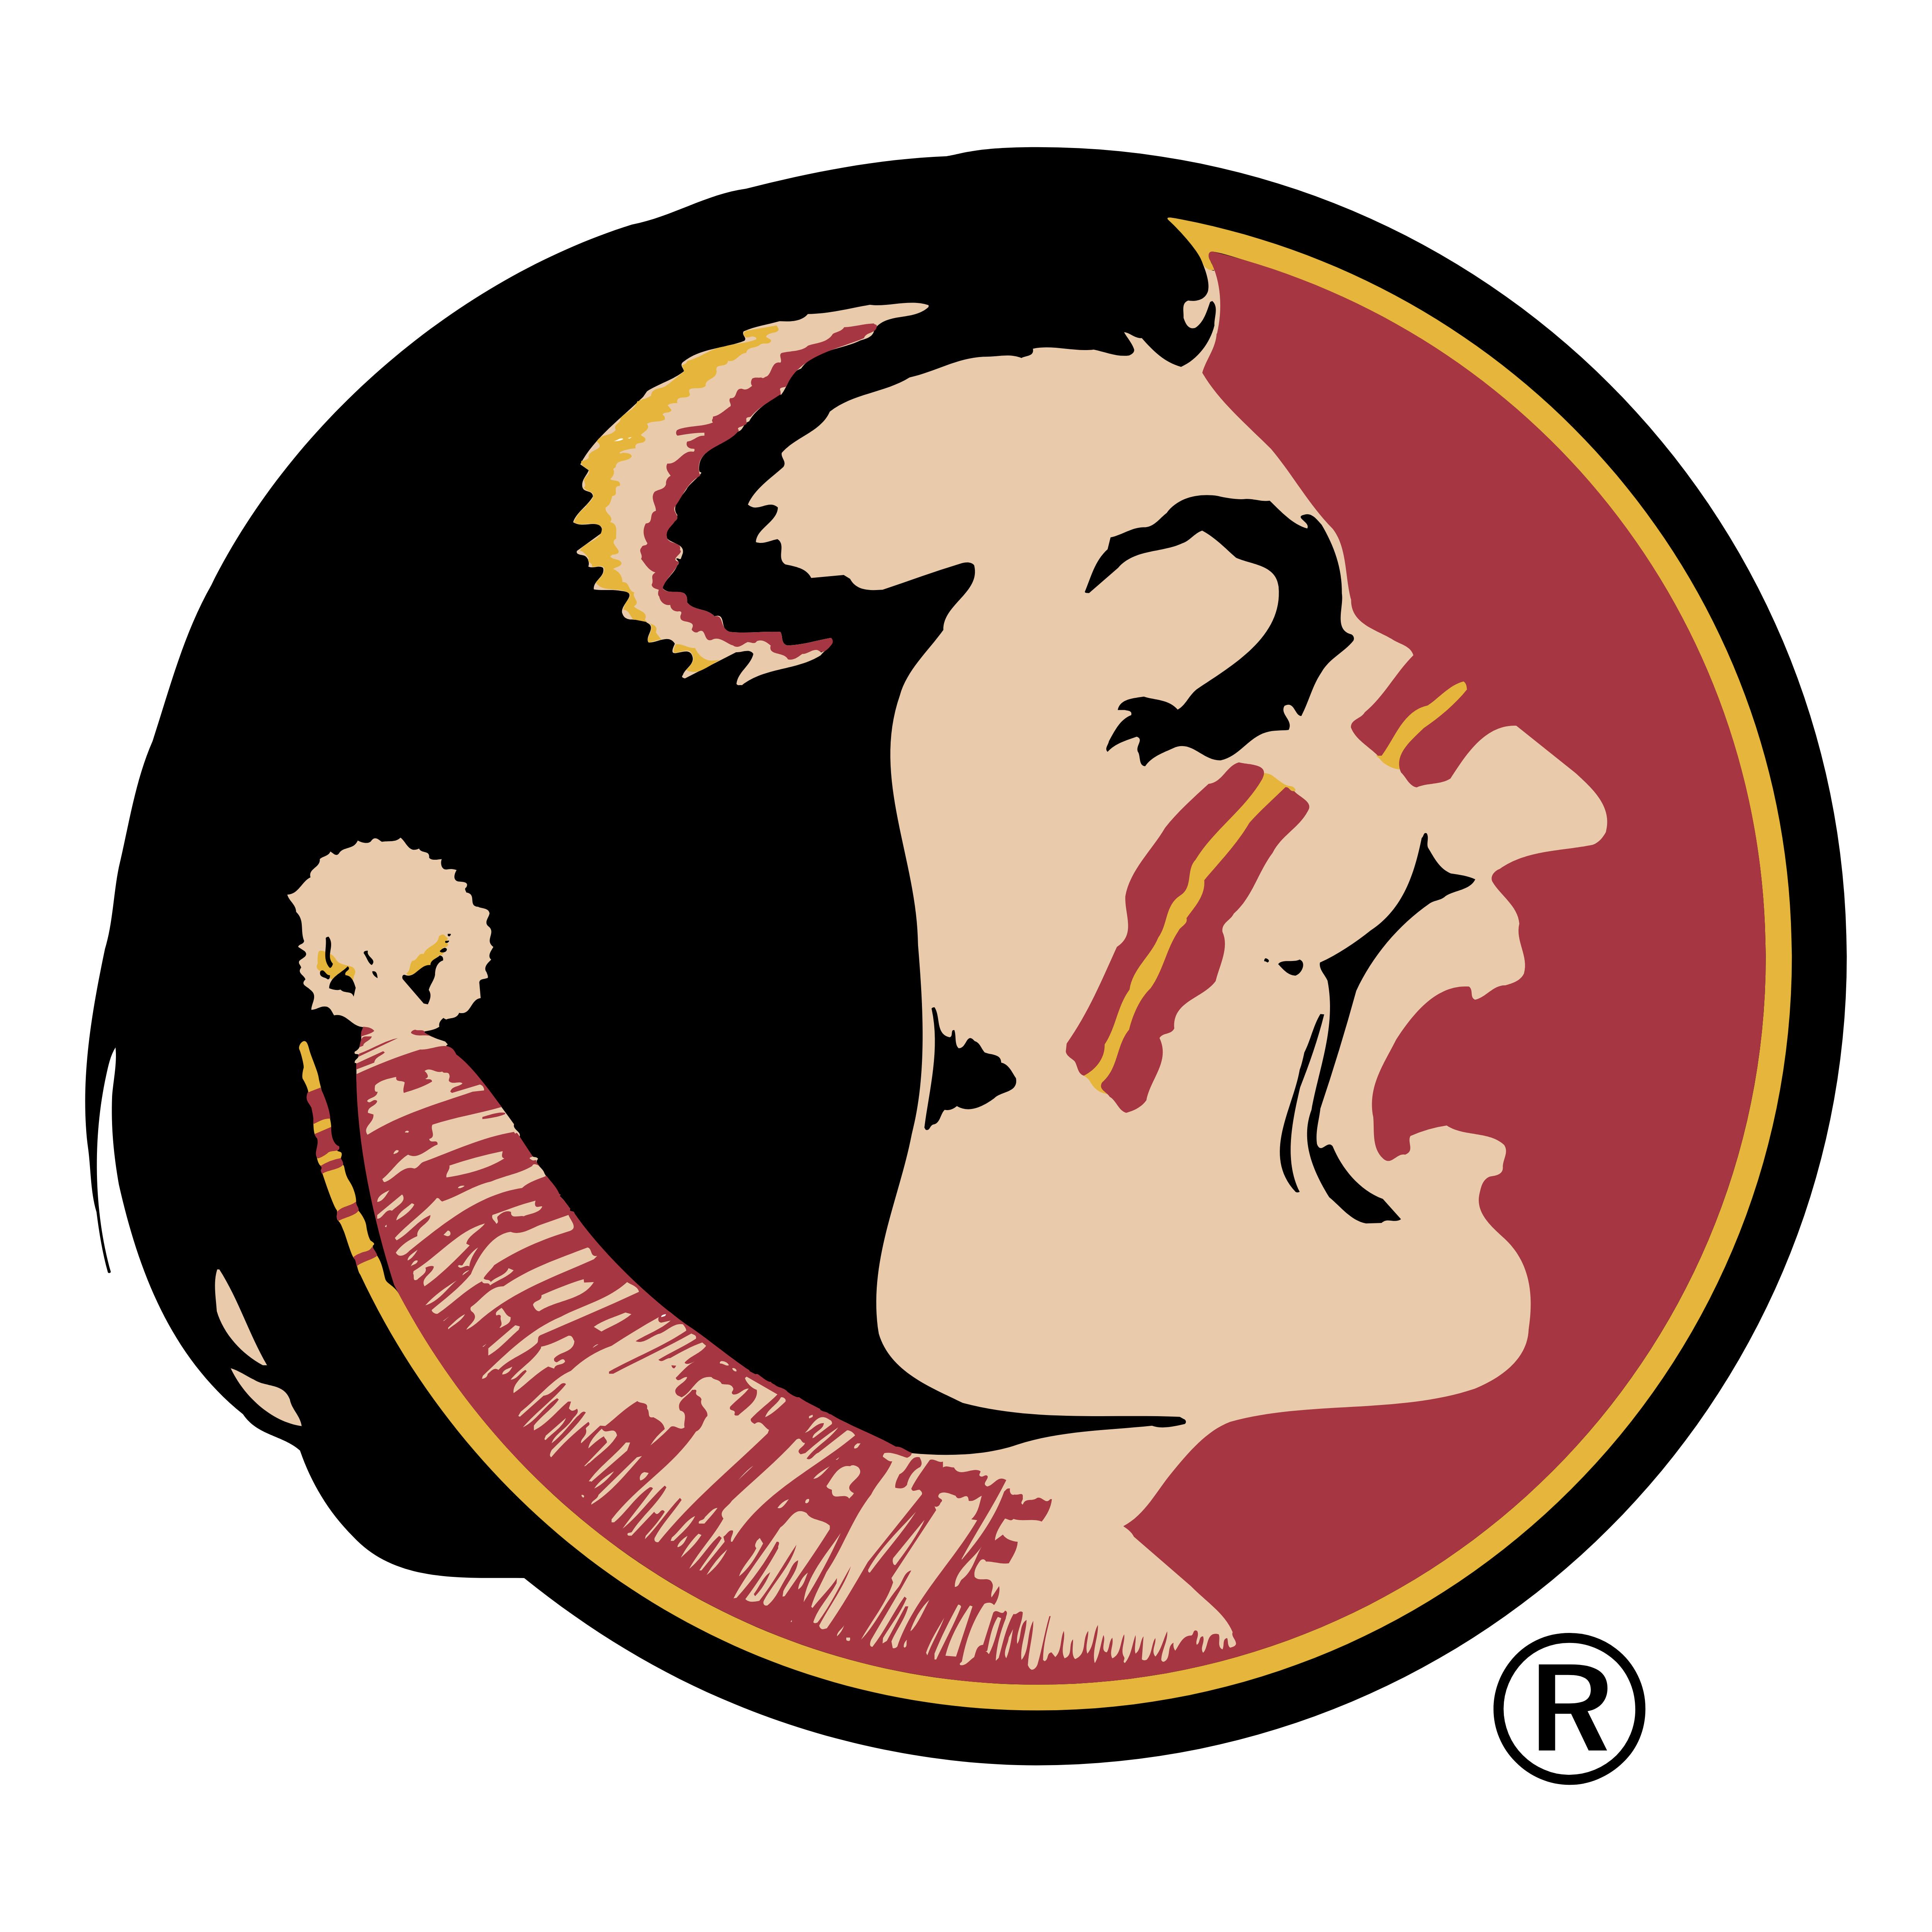 Florida State Seminoles.